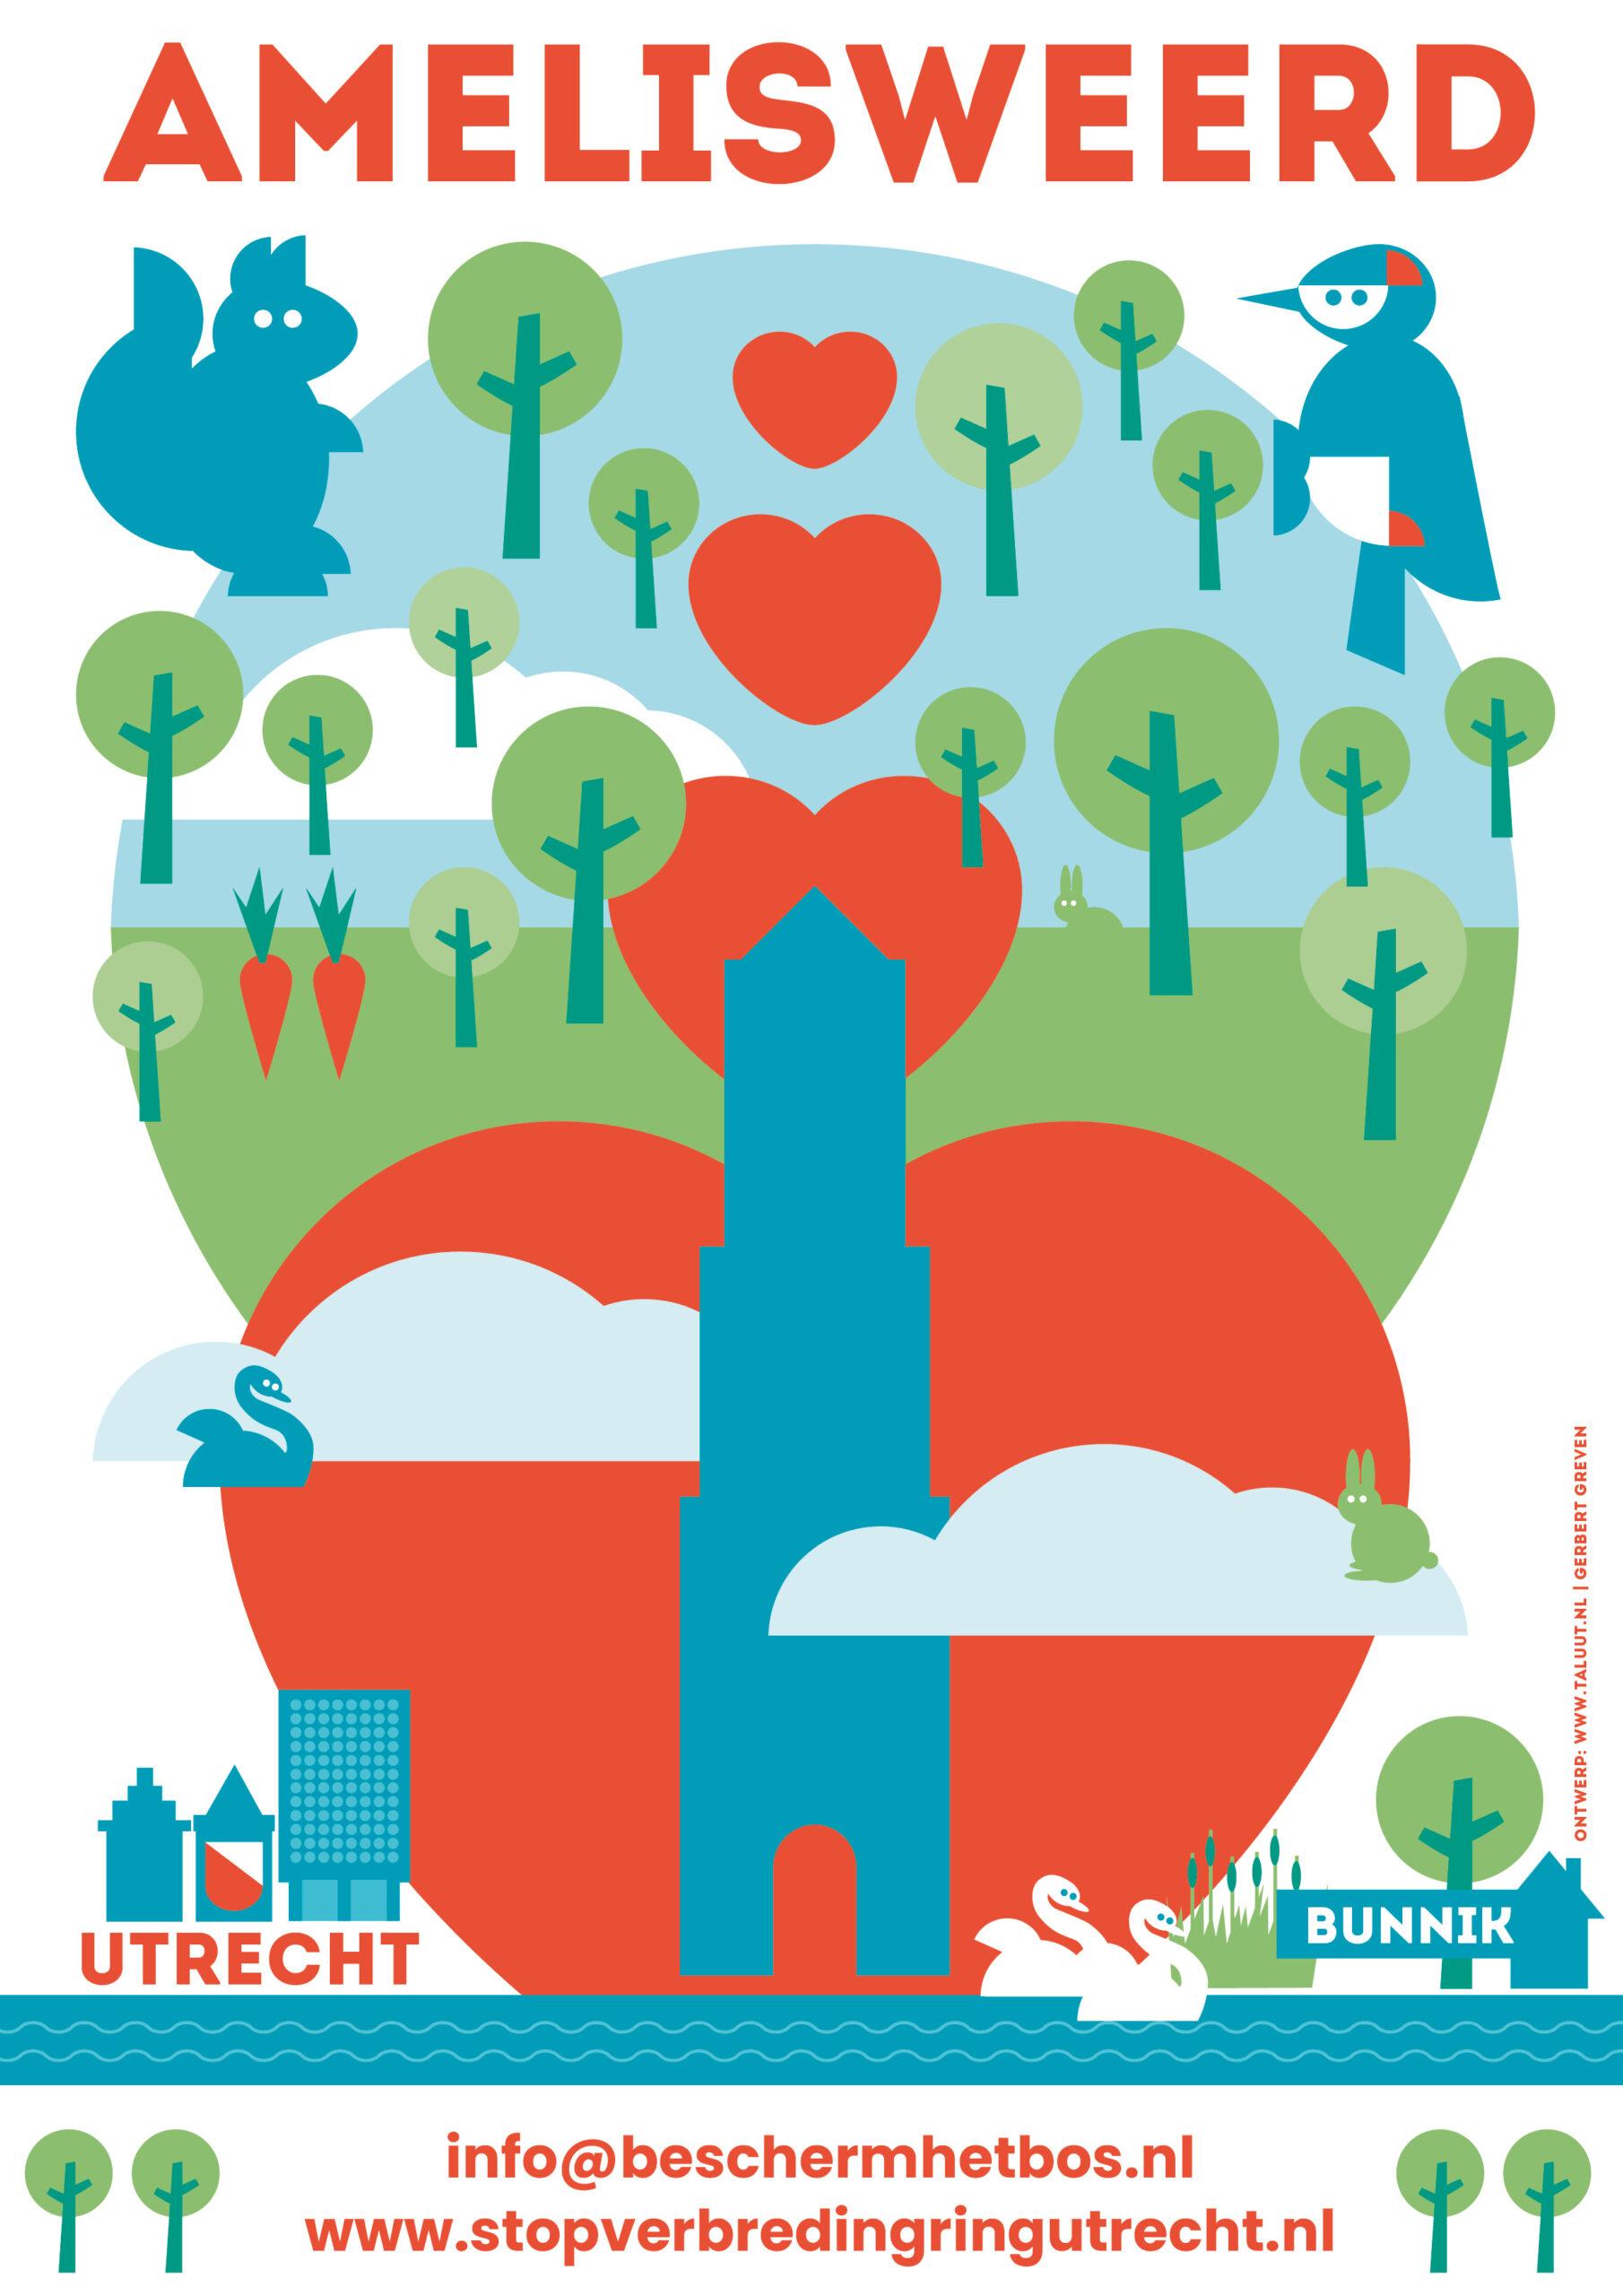 Poster Utrecht loves Amelisweerd Gerbert Greven